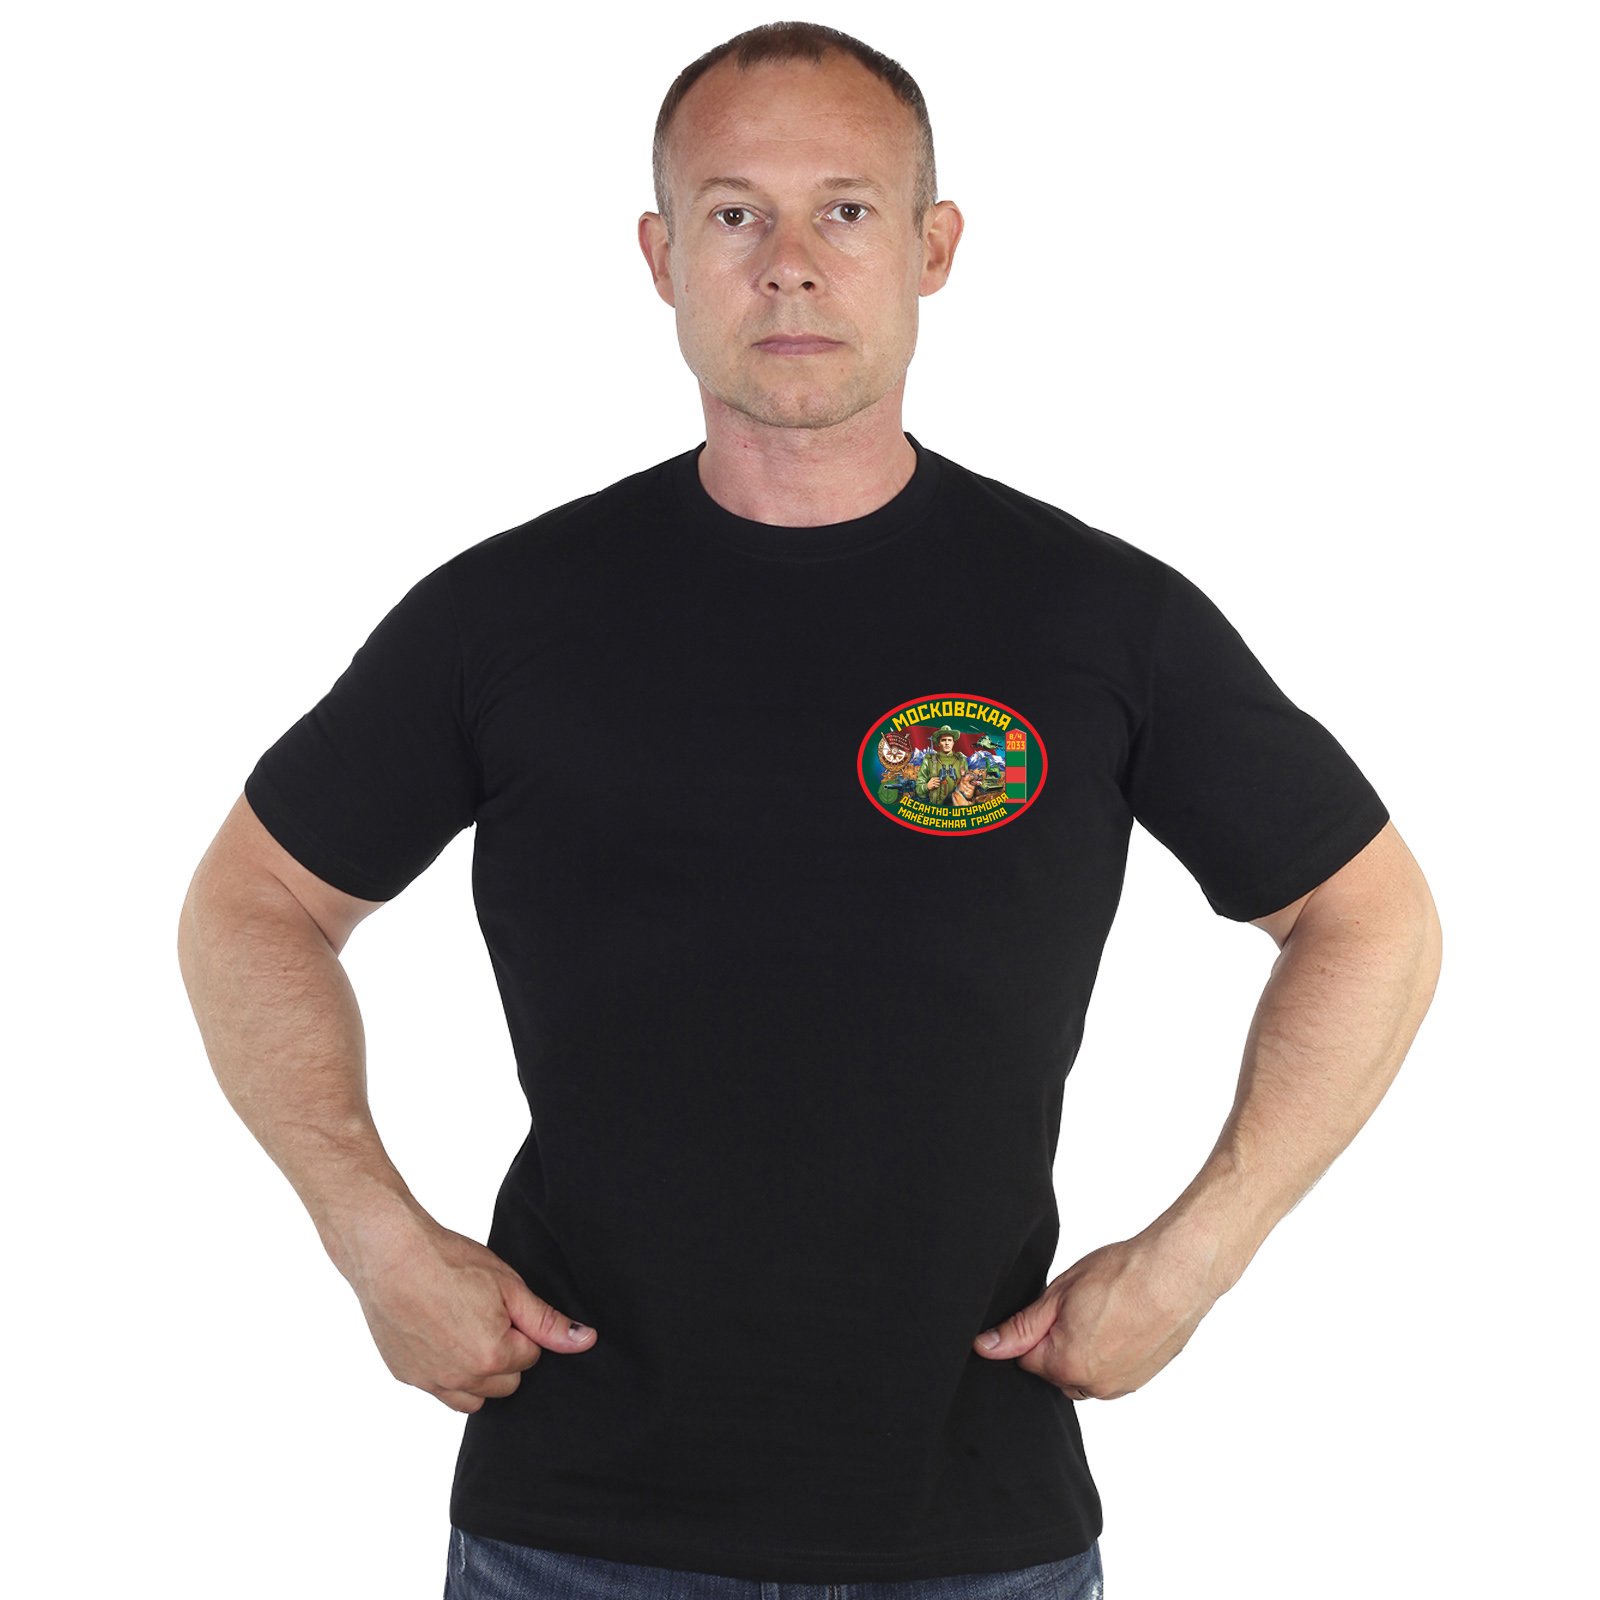 Купить футболку Московская ДШМГ